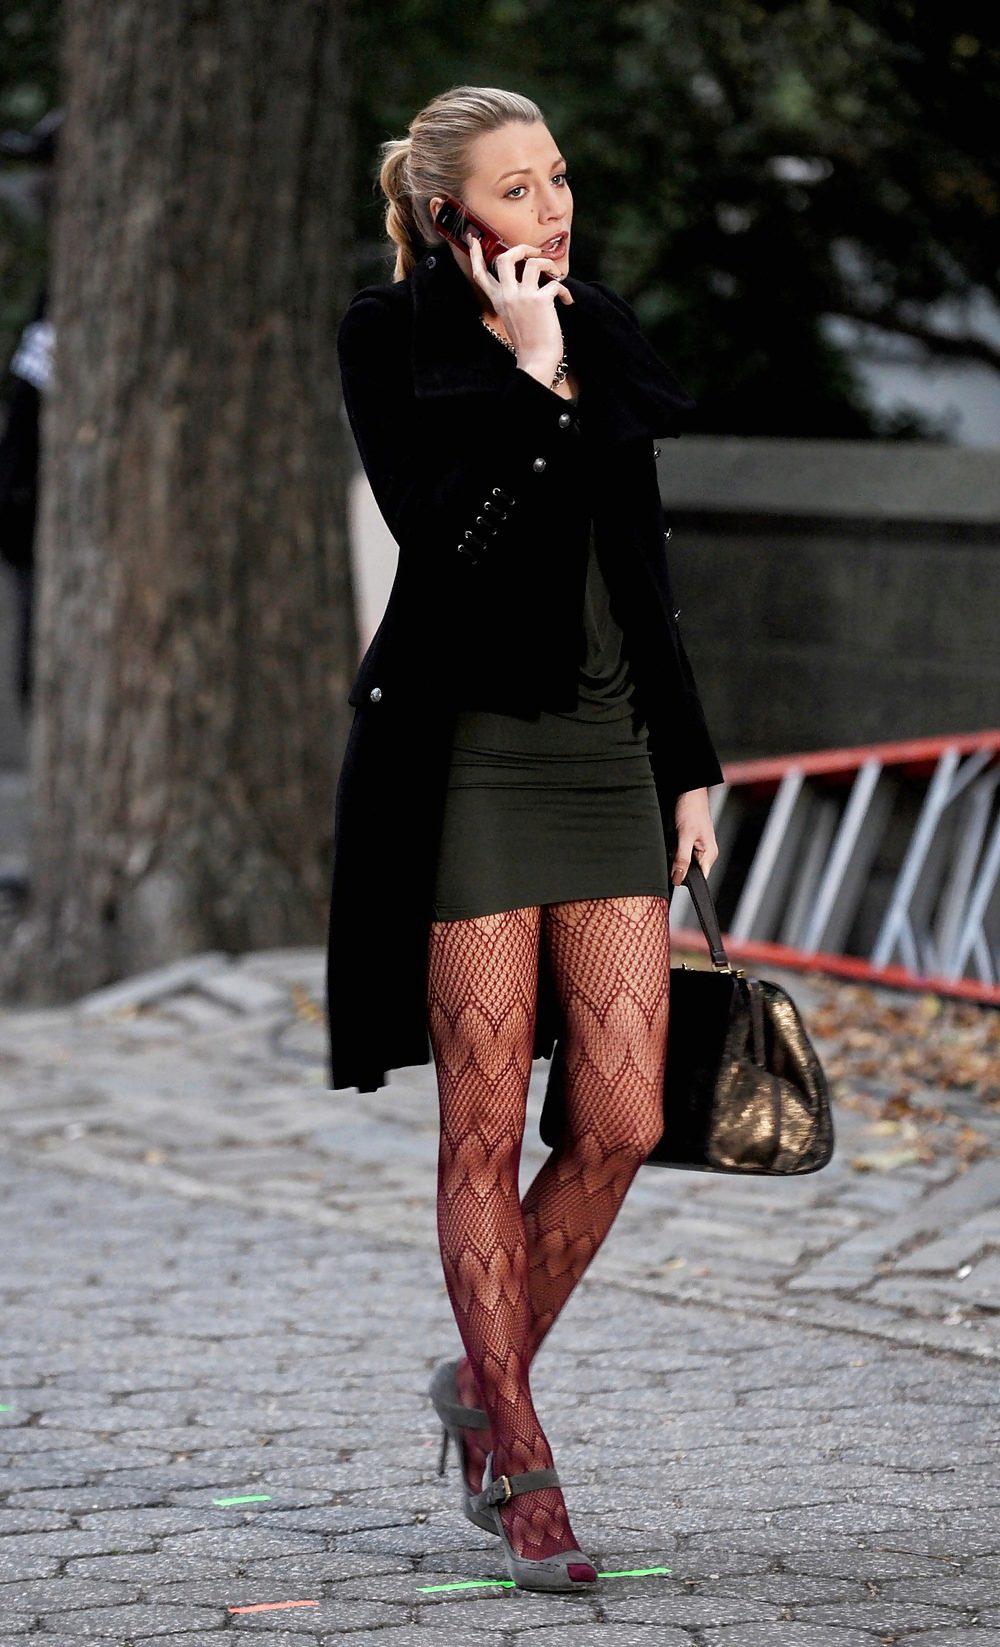 Девушка в на каблуках курит видео, попова сиськи свои покажи видео